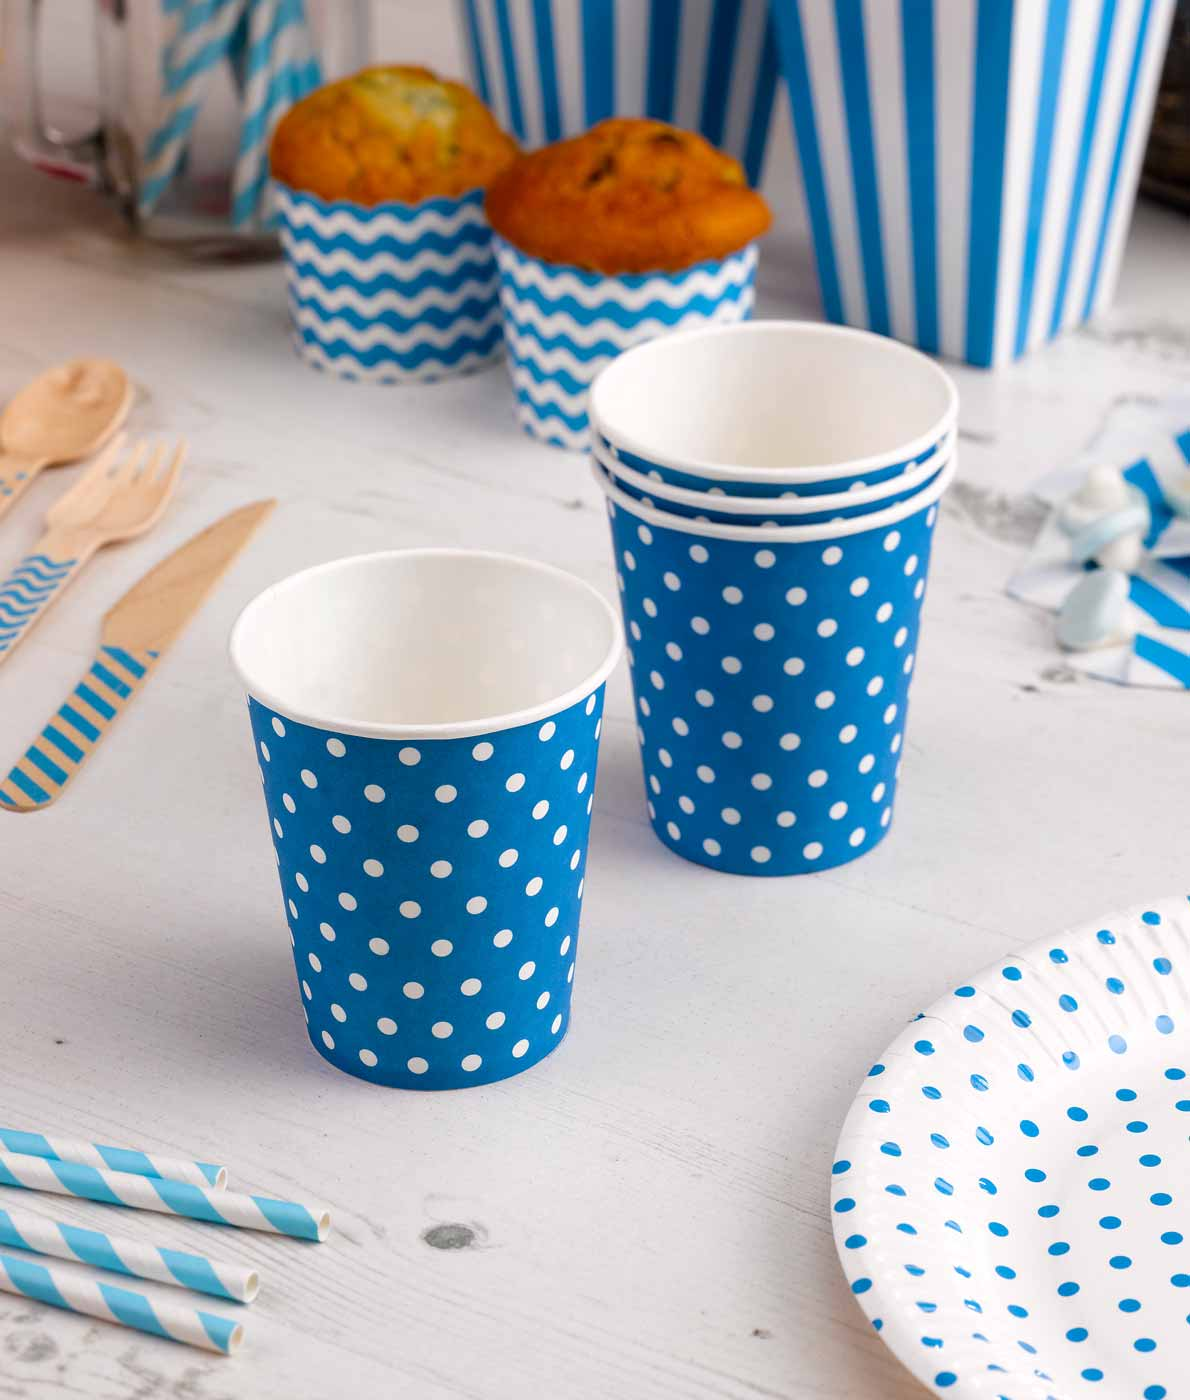 Flotte-blaa-kopper-med-hvide-prikker-til-fest-og-foedselsdag